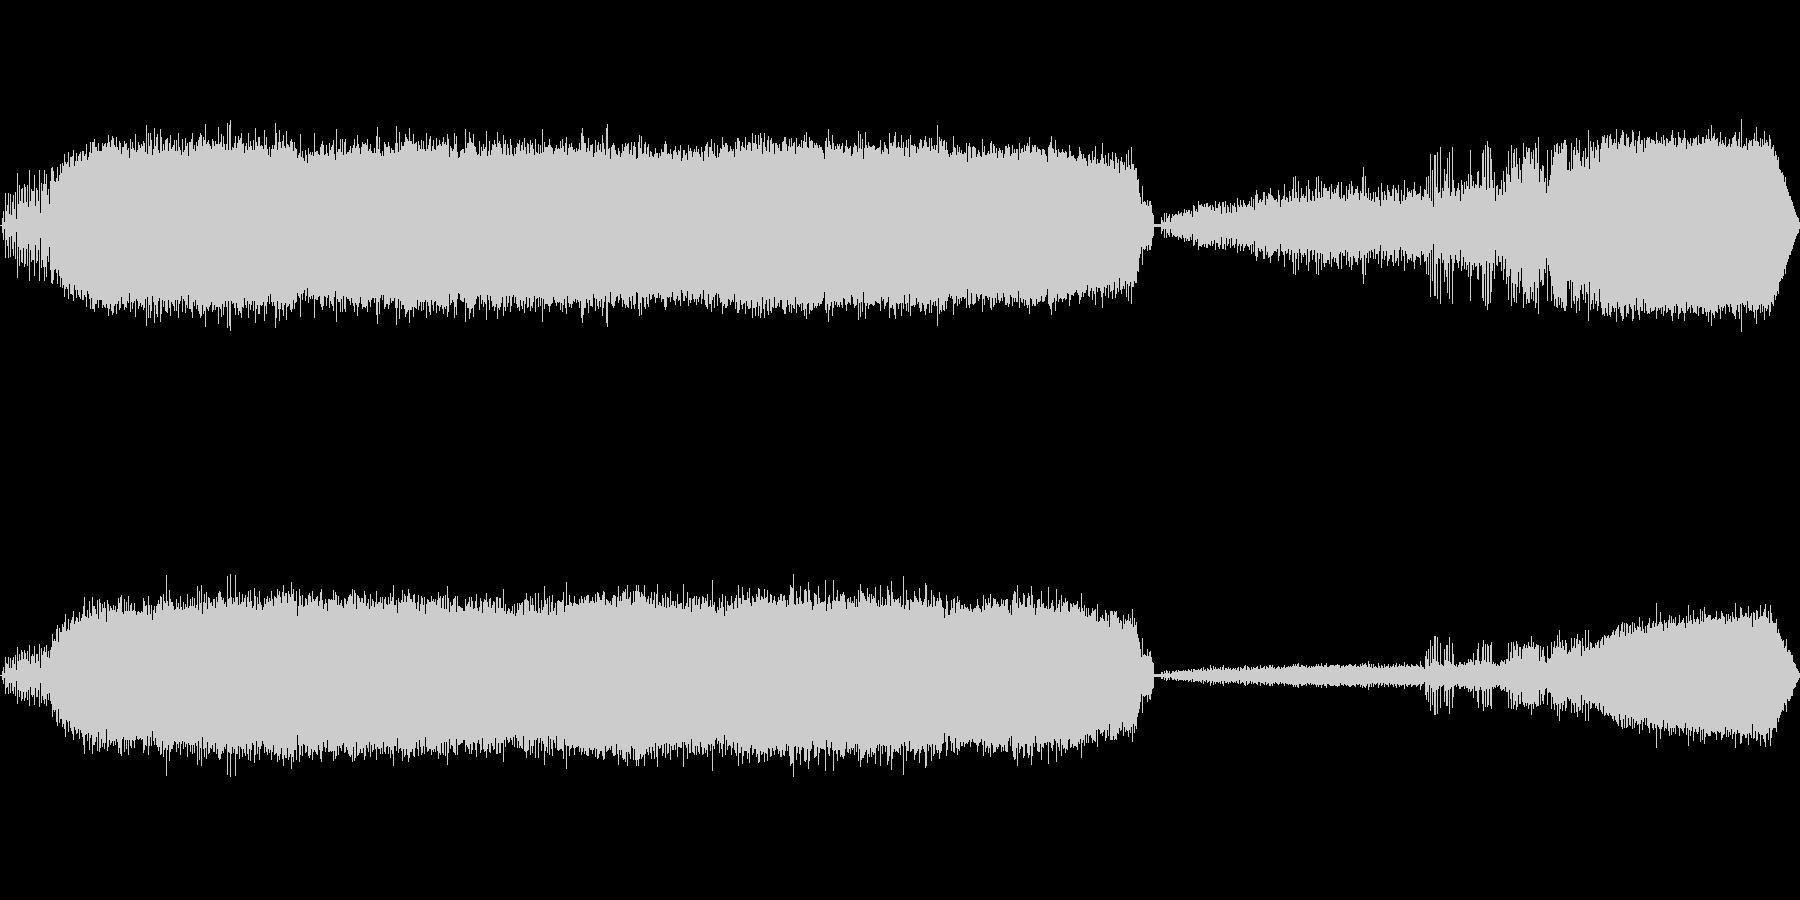 カエルの鳴き声-7の未再生の波形